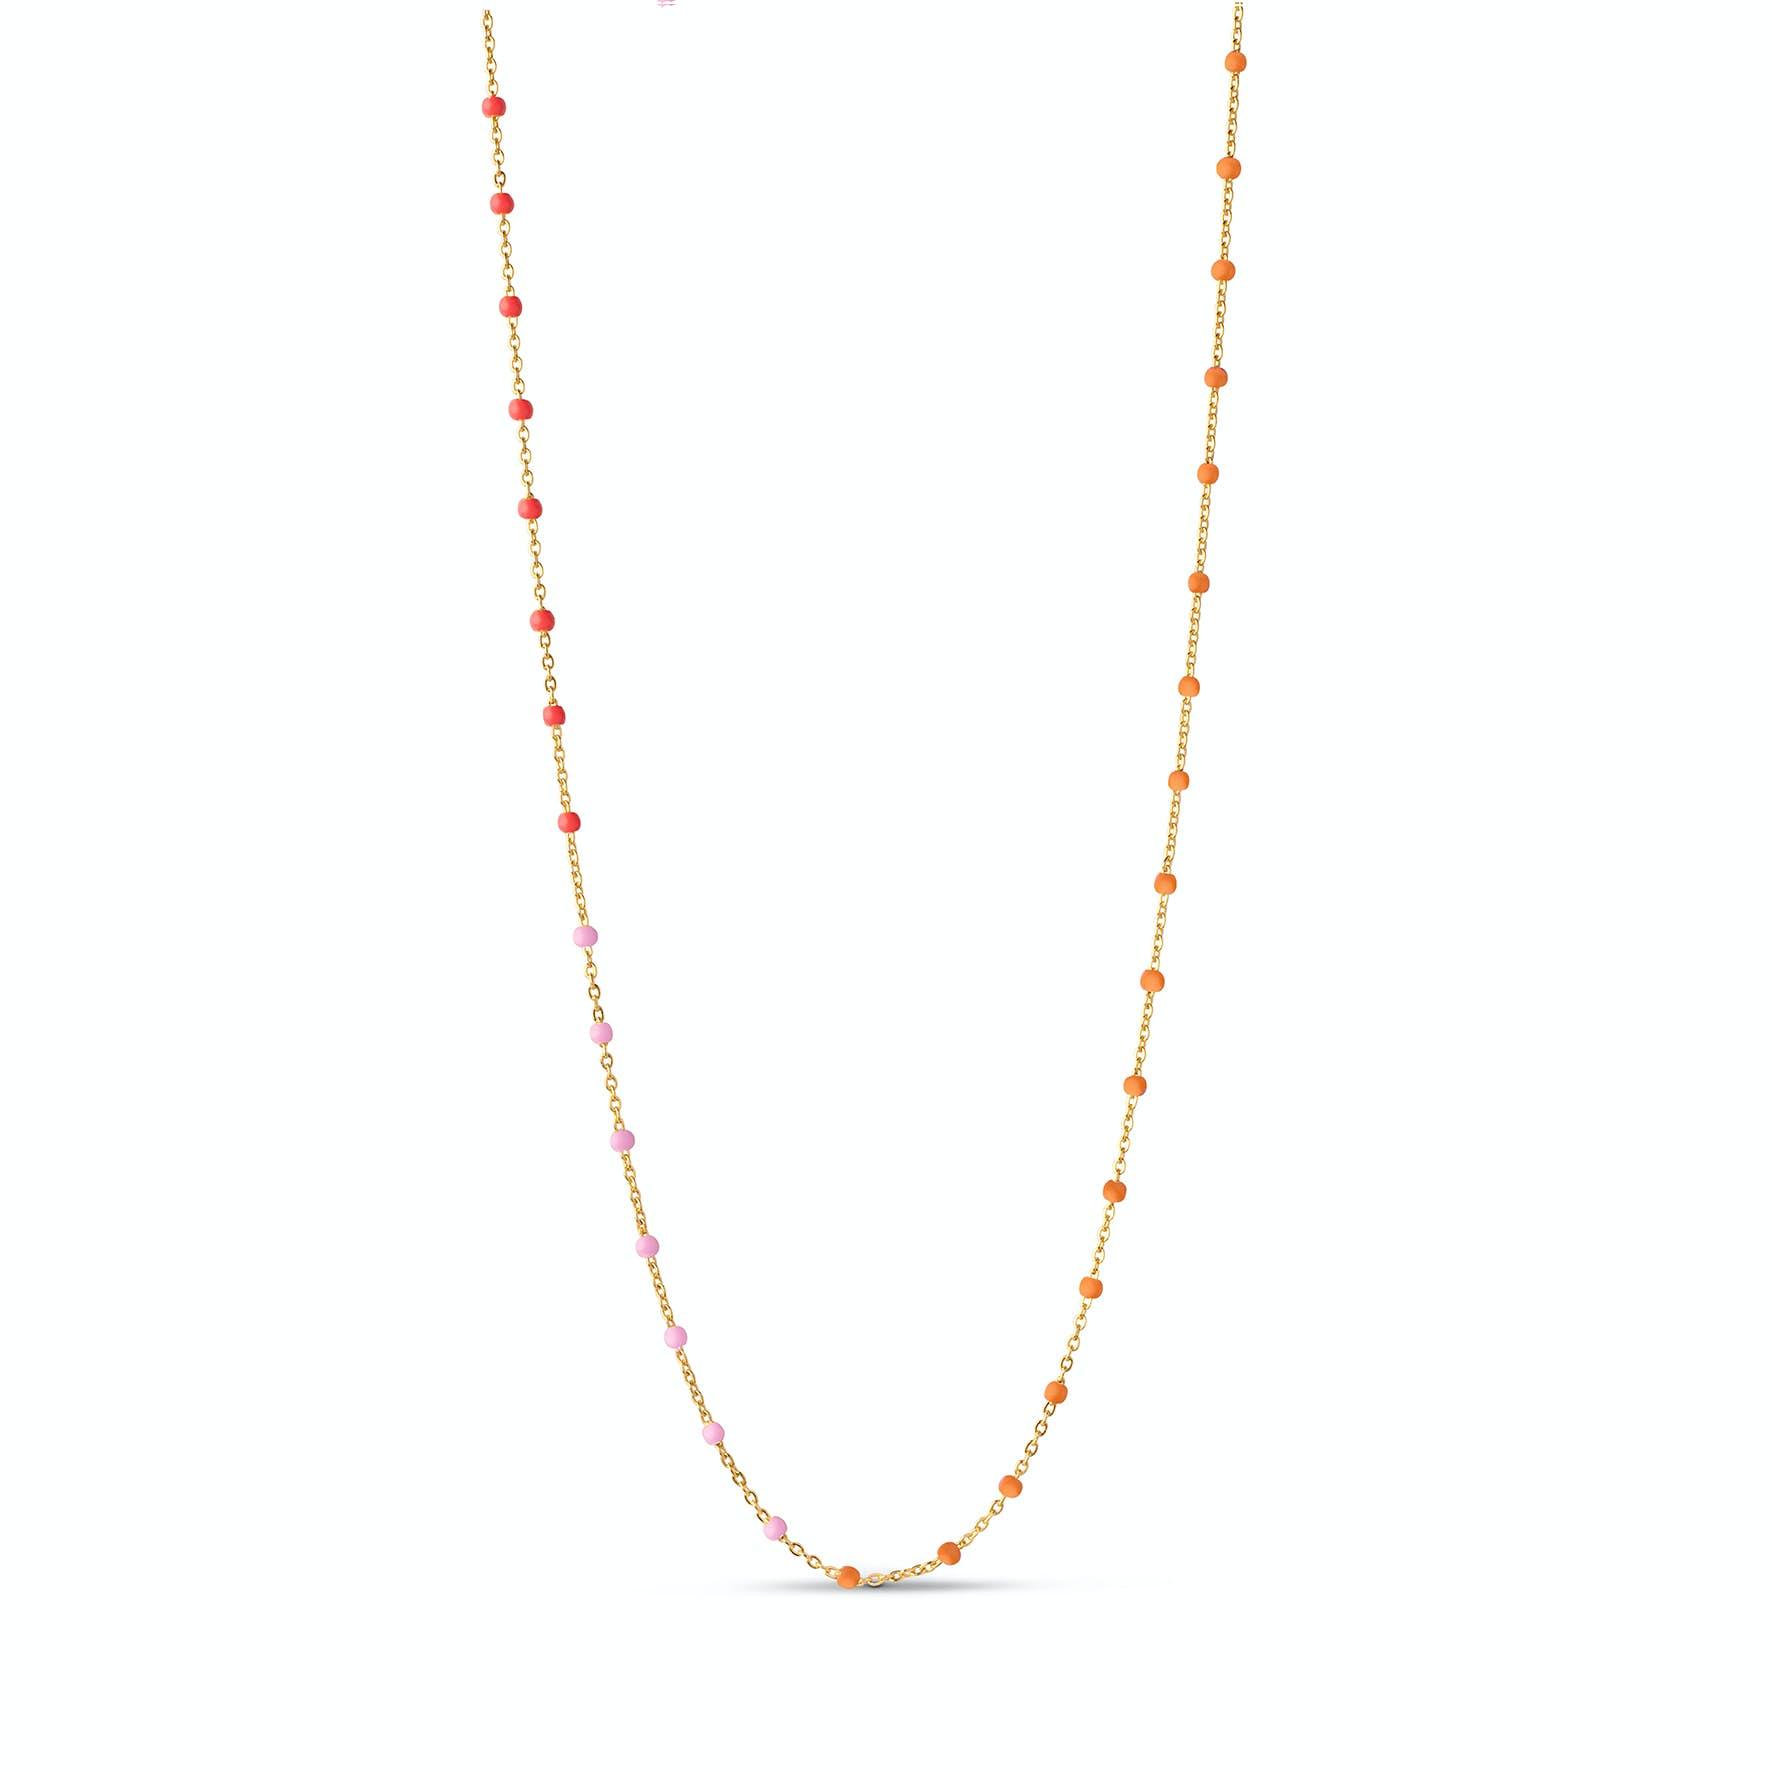 Lola Necklace Sunrise fra Enamel Copenhagen i Forgylt-Sølv Sterling 925